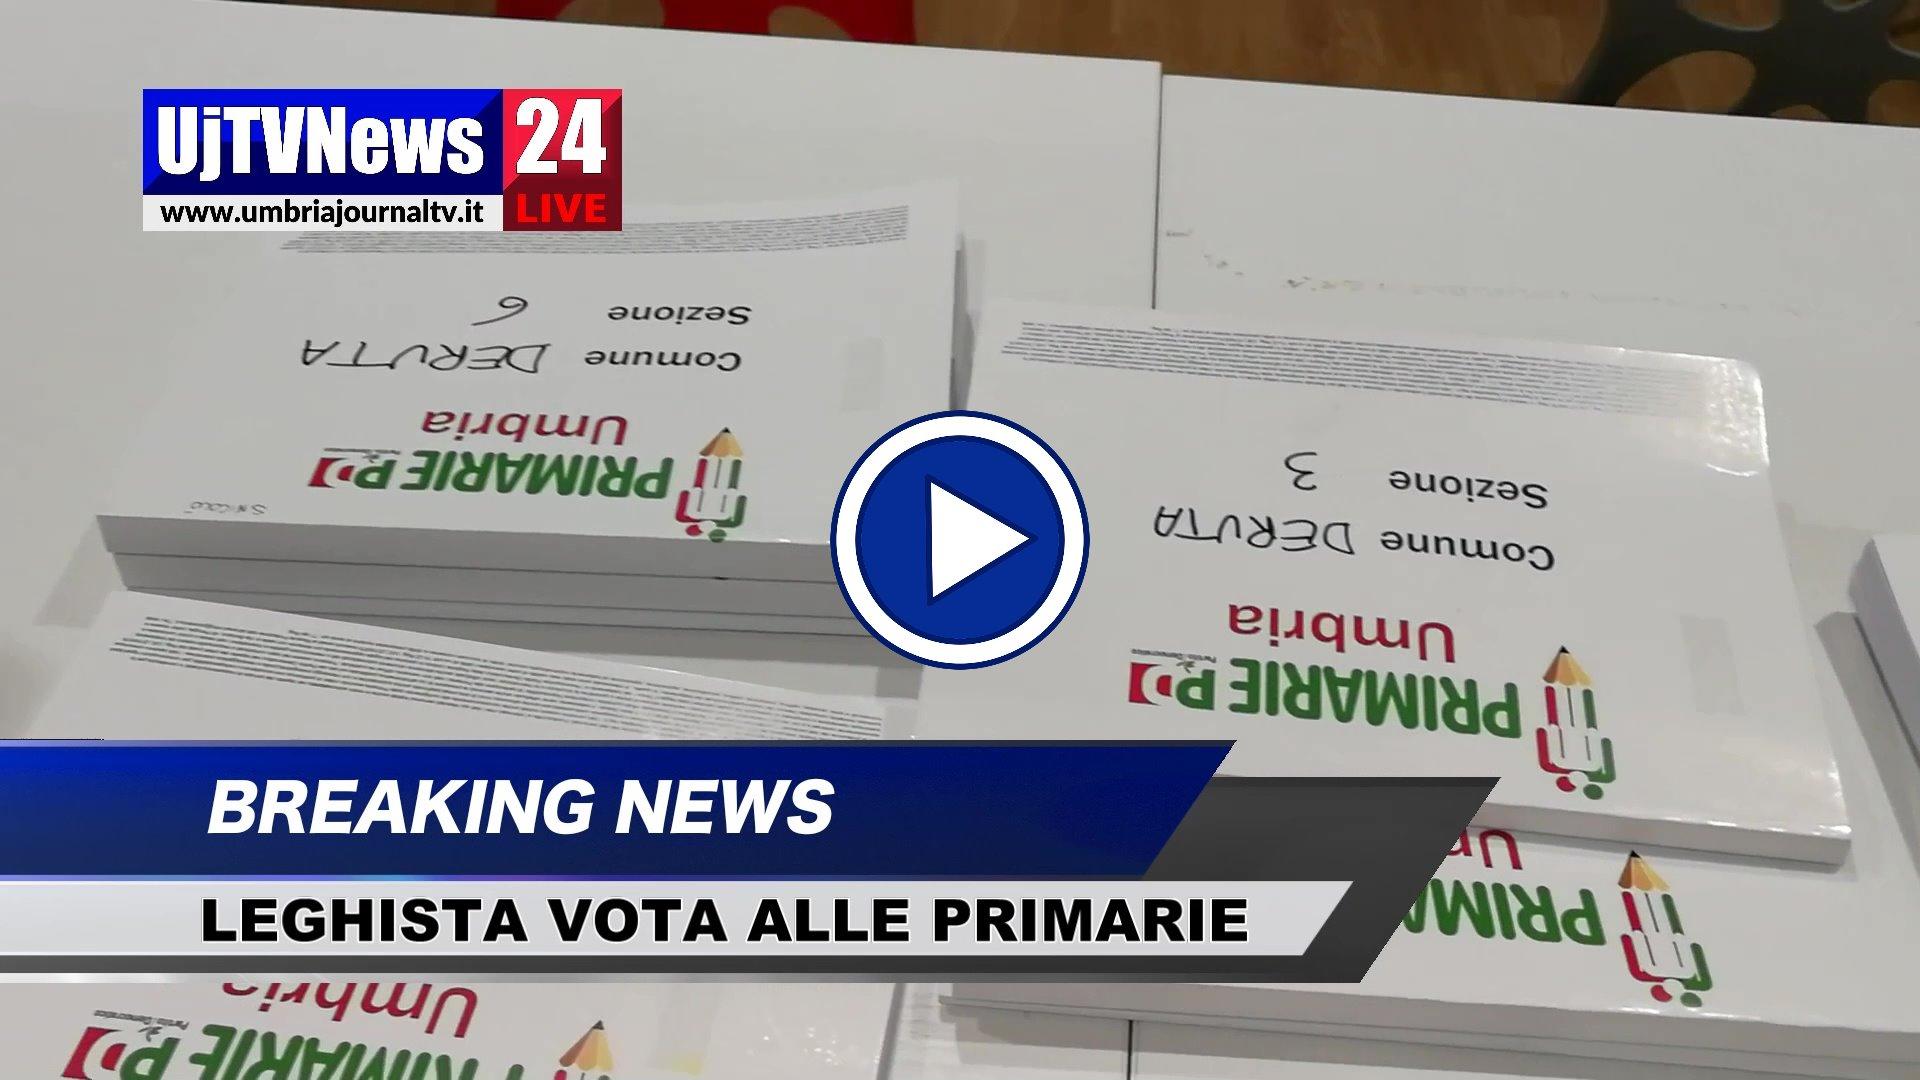 Assessore della Lega va a votare alle Primarie del Pd, video del seggio di Deruta